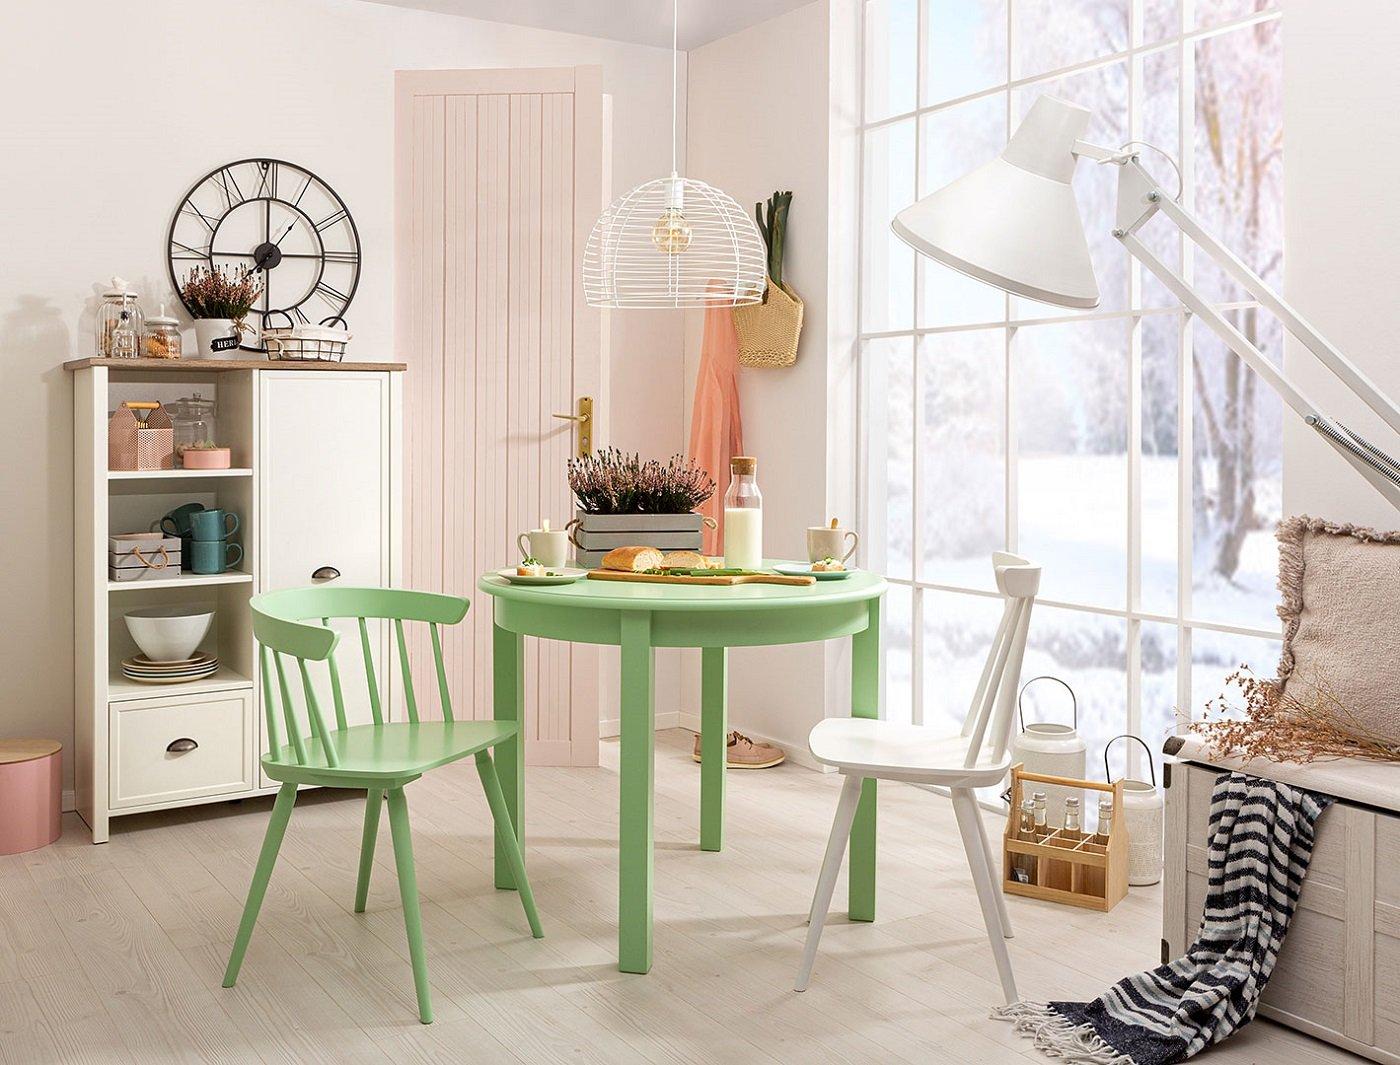 Круглый стол как символ понимания и братства